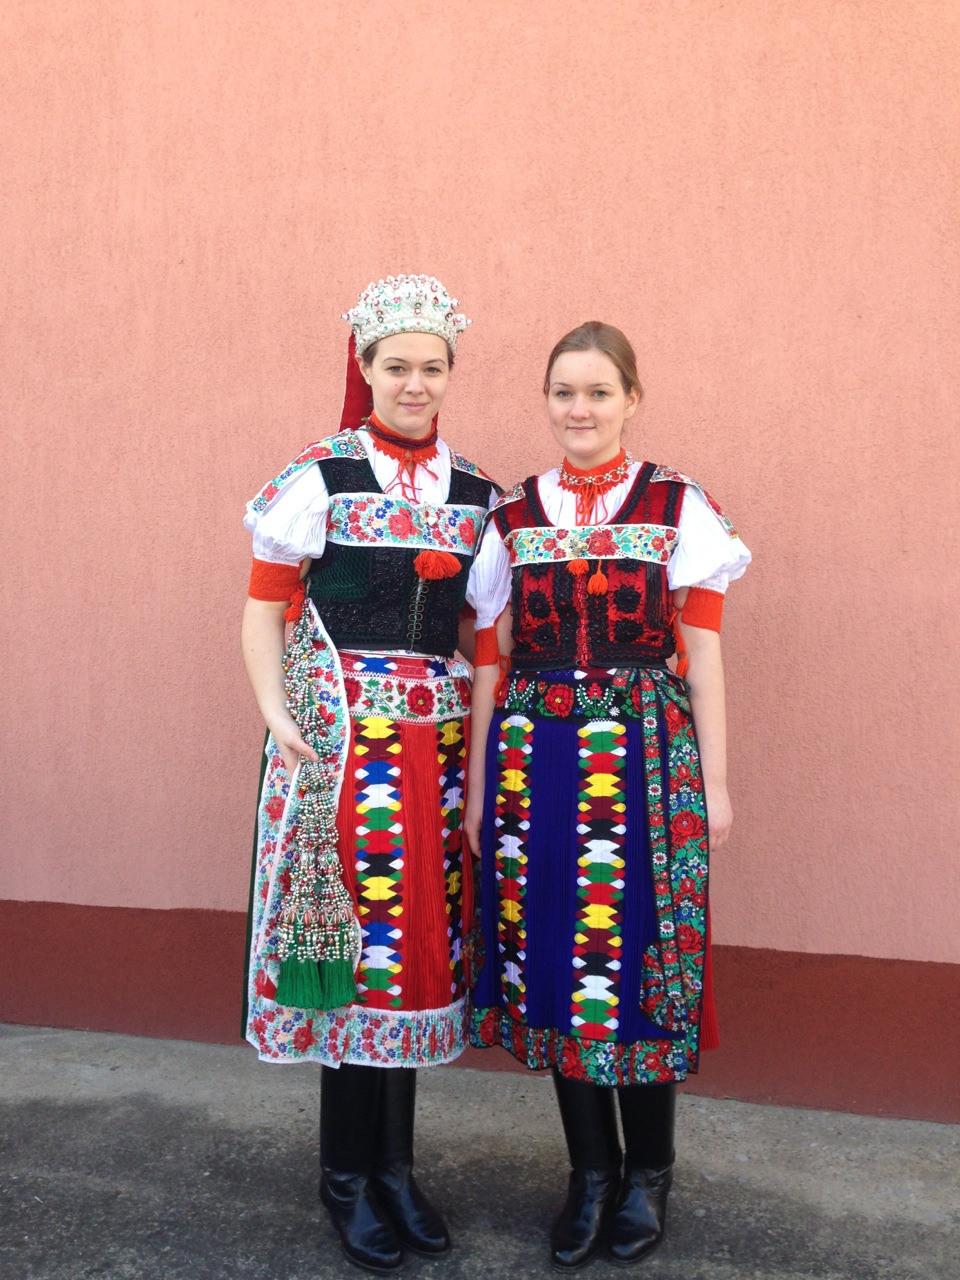 Ungarische Trachten Aus Transilvanien – International Wardrobe